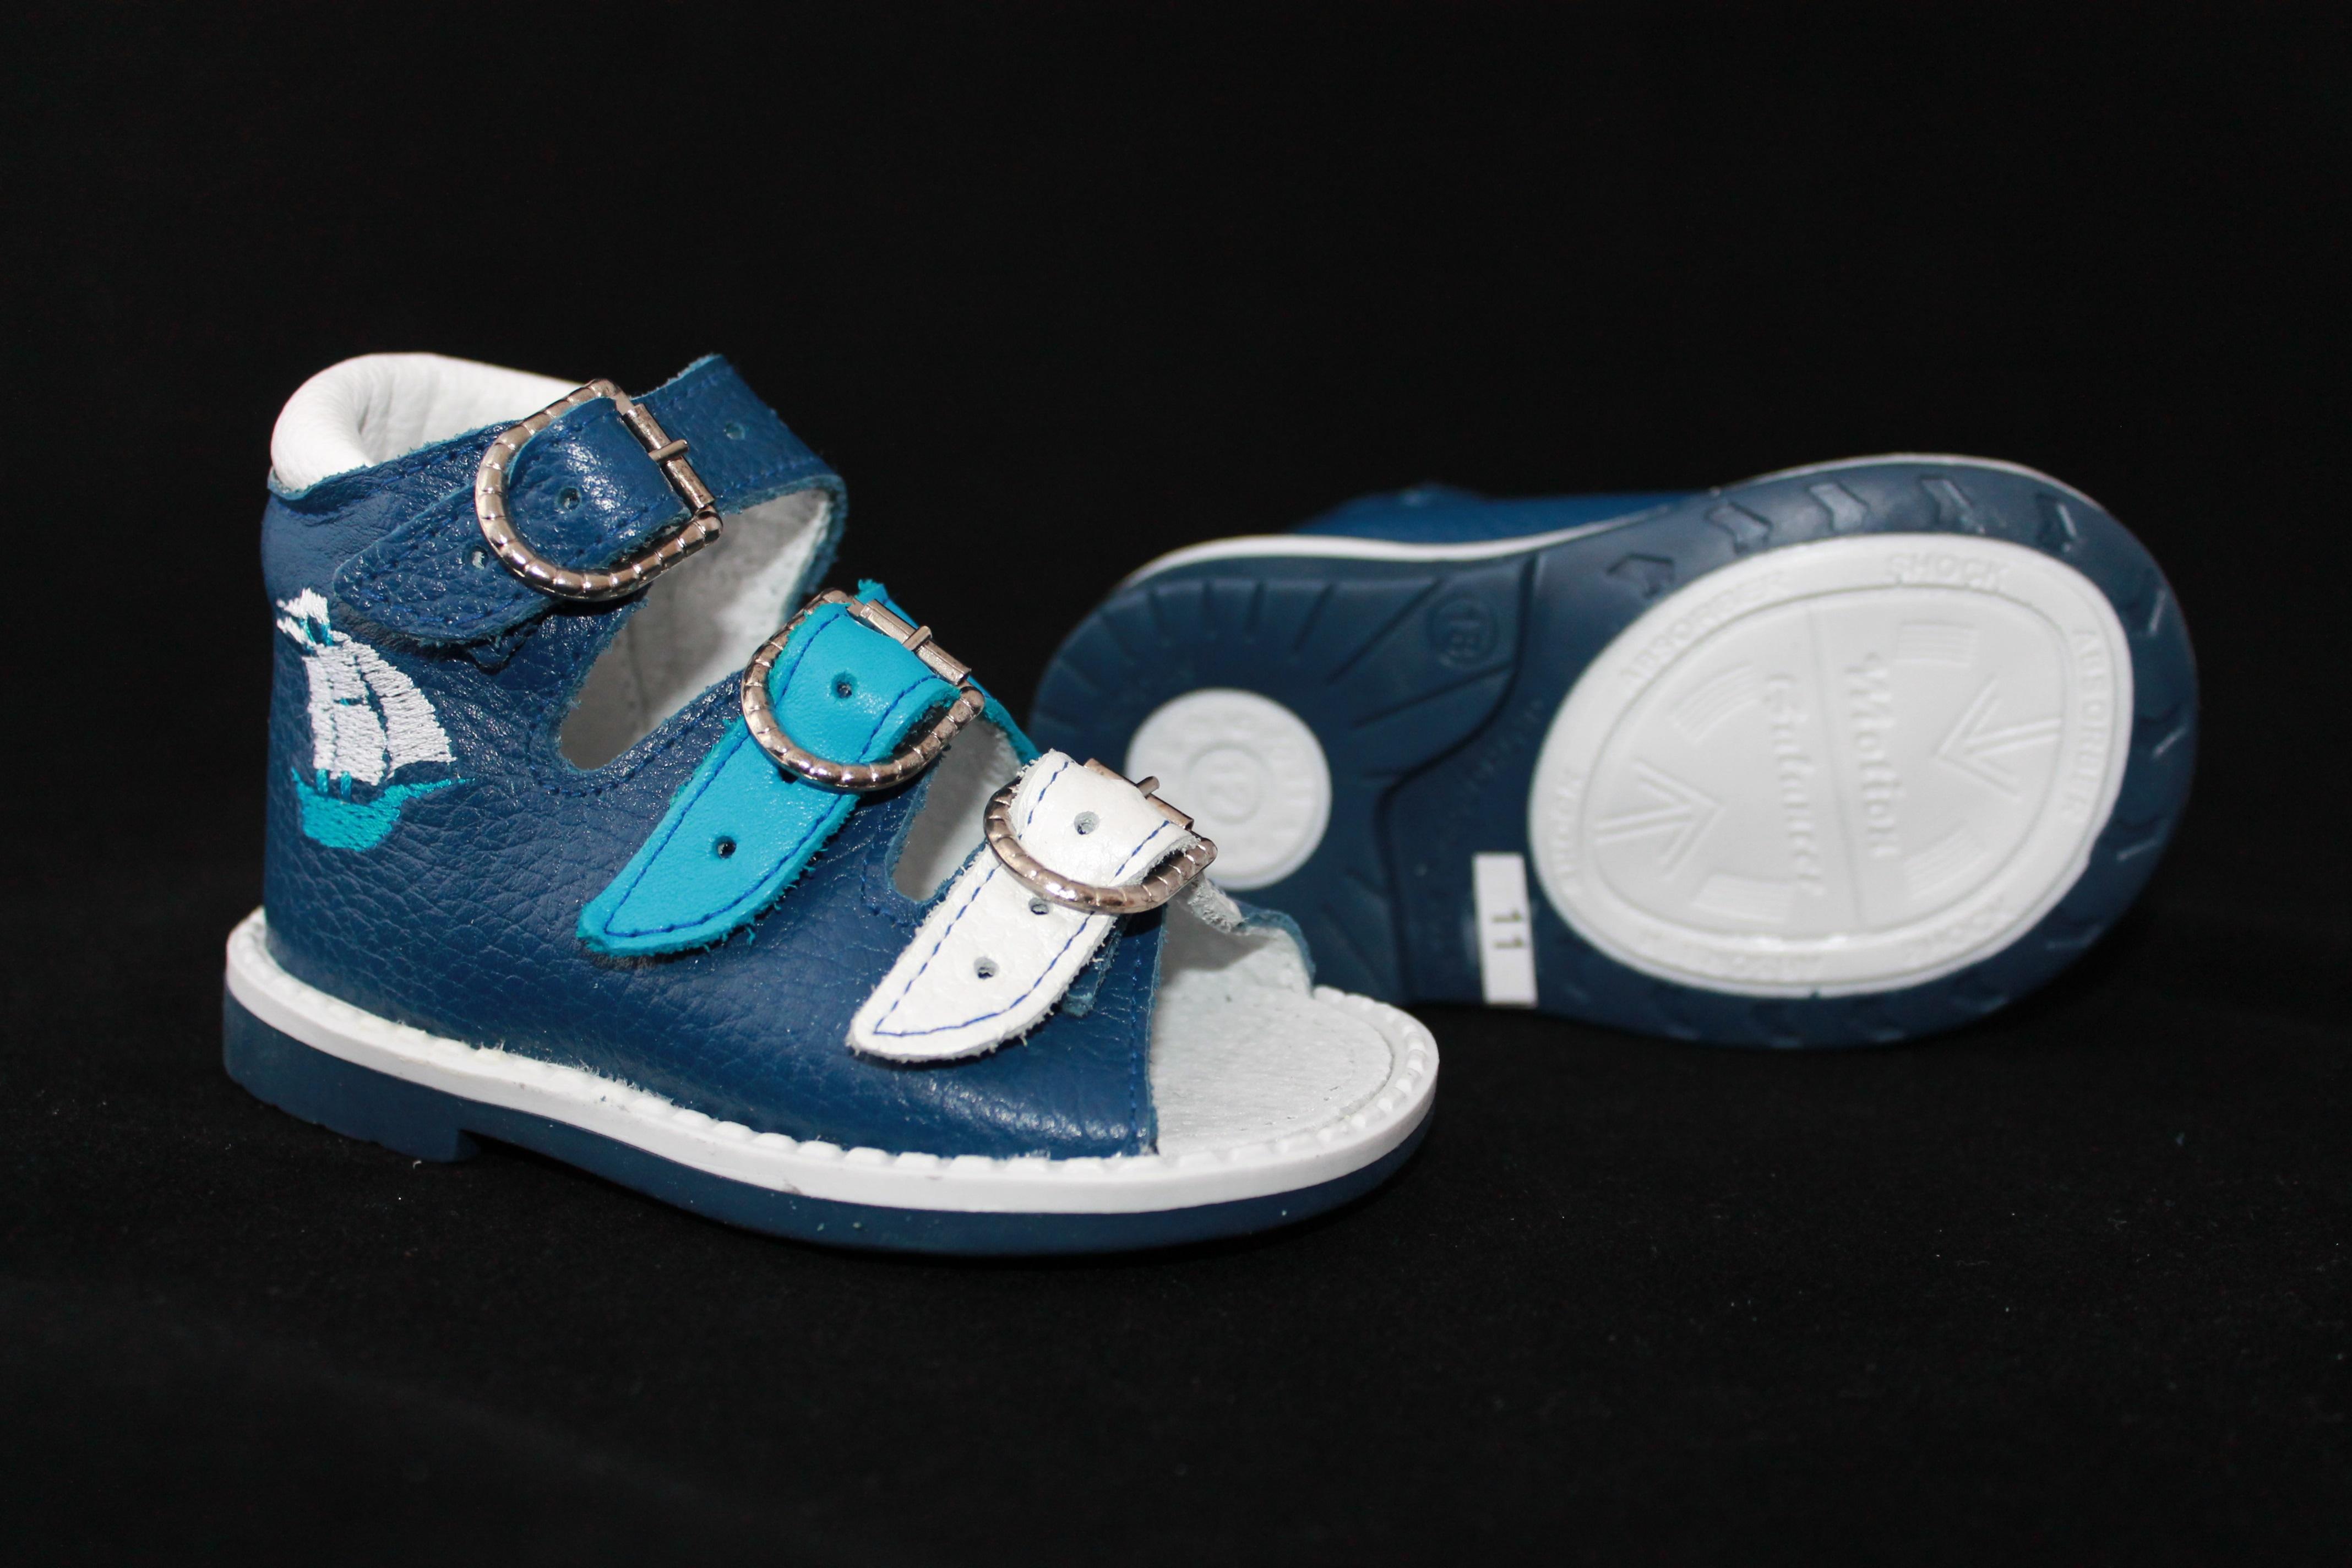 Сбор заказов. Детская Богородская обувь, напрямую с фабрики. Орто 790 руб, сандалии от 200 руб. Без рядов. Успеем до повышения цен! Выкуп 5